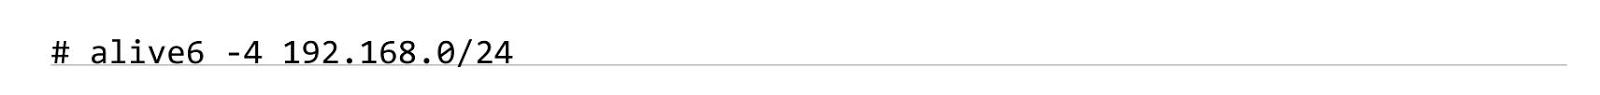 alive6 - шаблон IPv4 для перебора IPv6